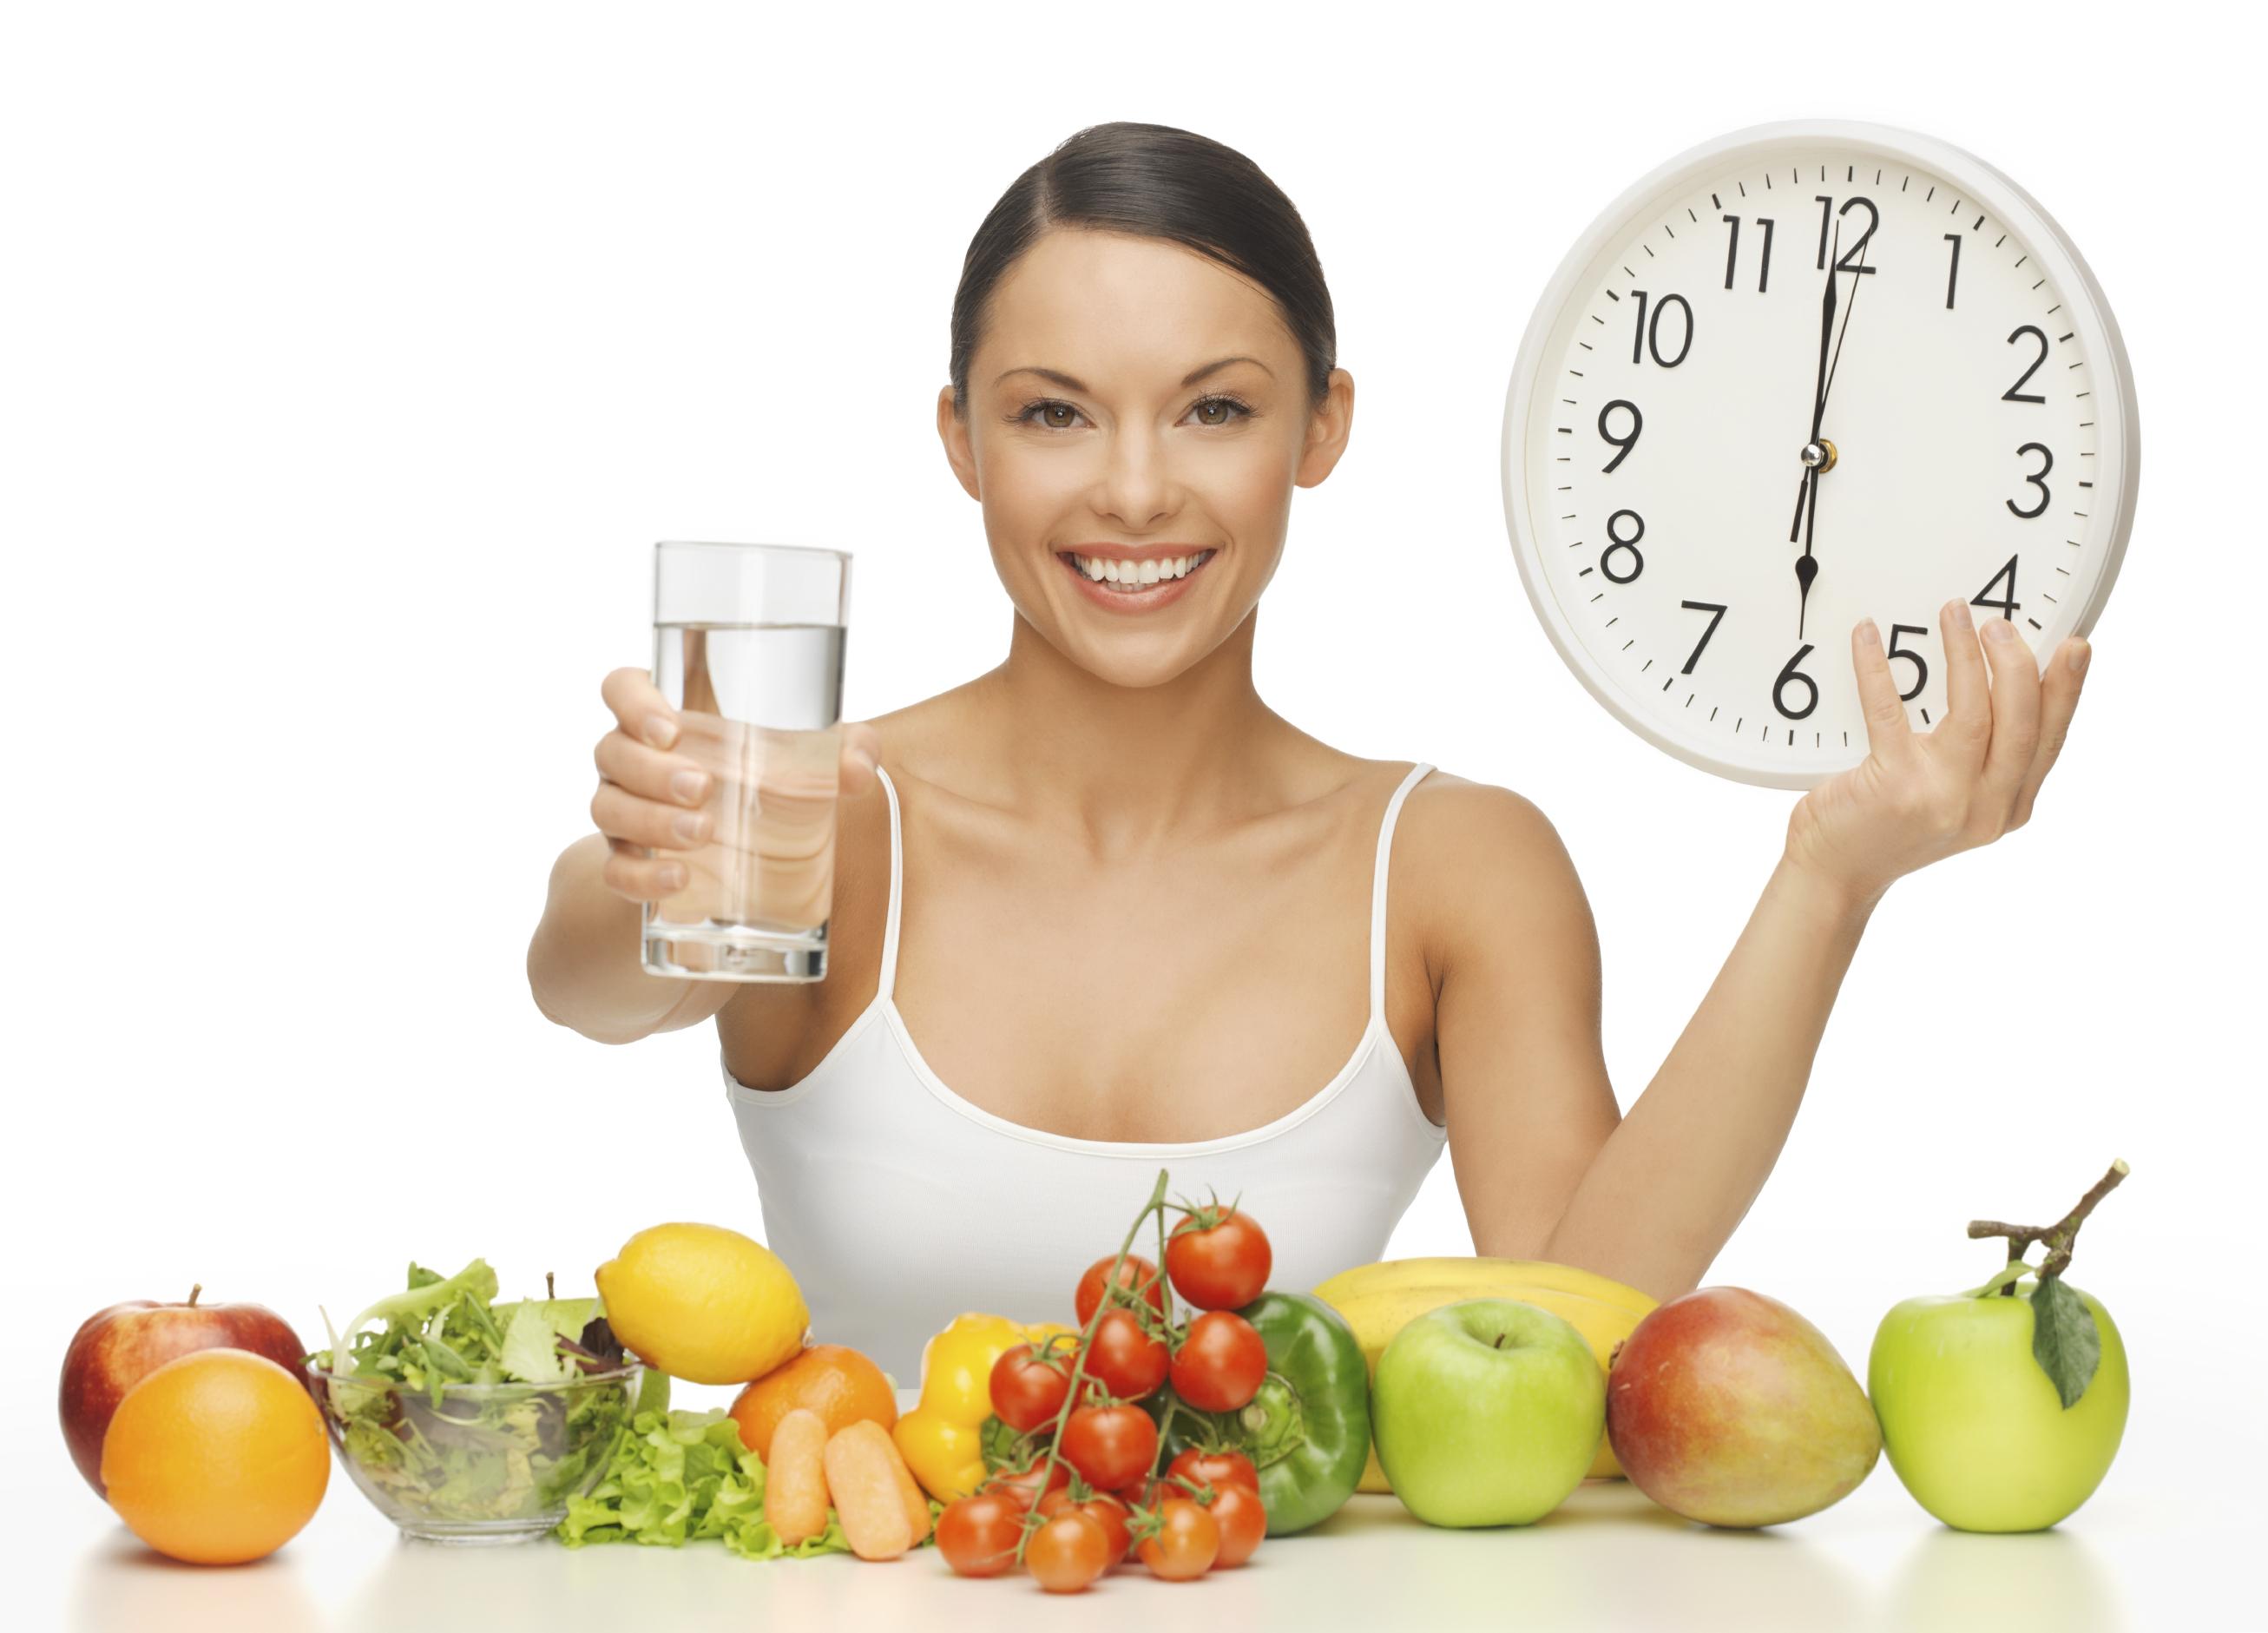 тренировки чтобы похудеть